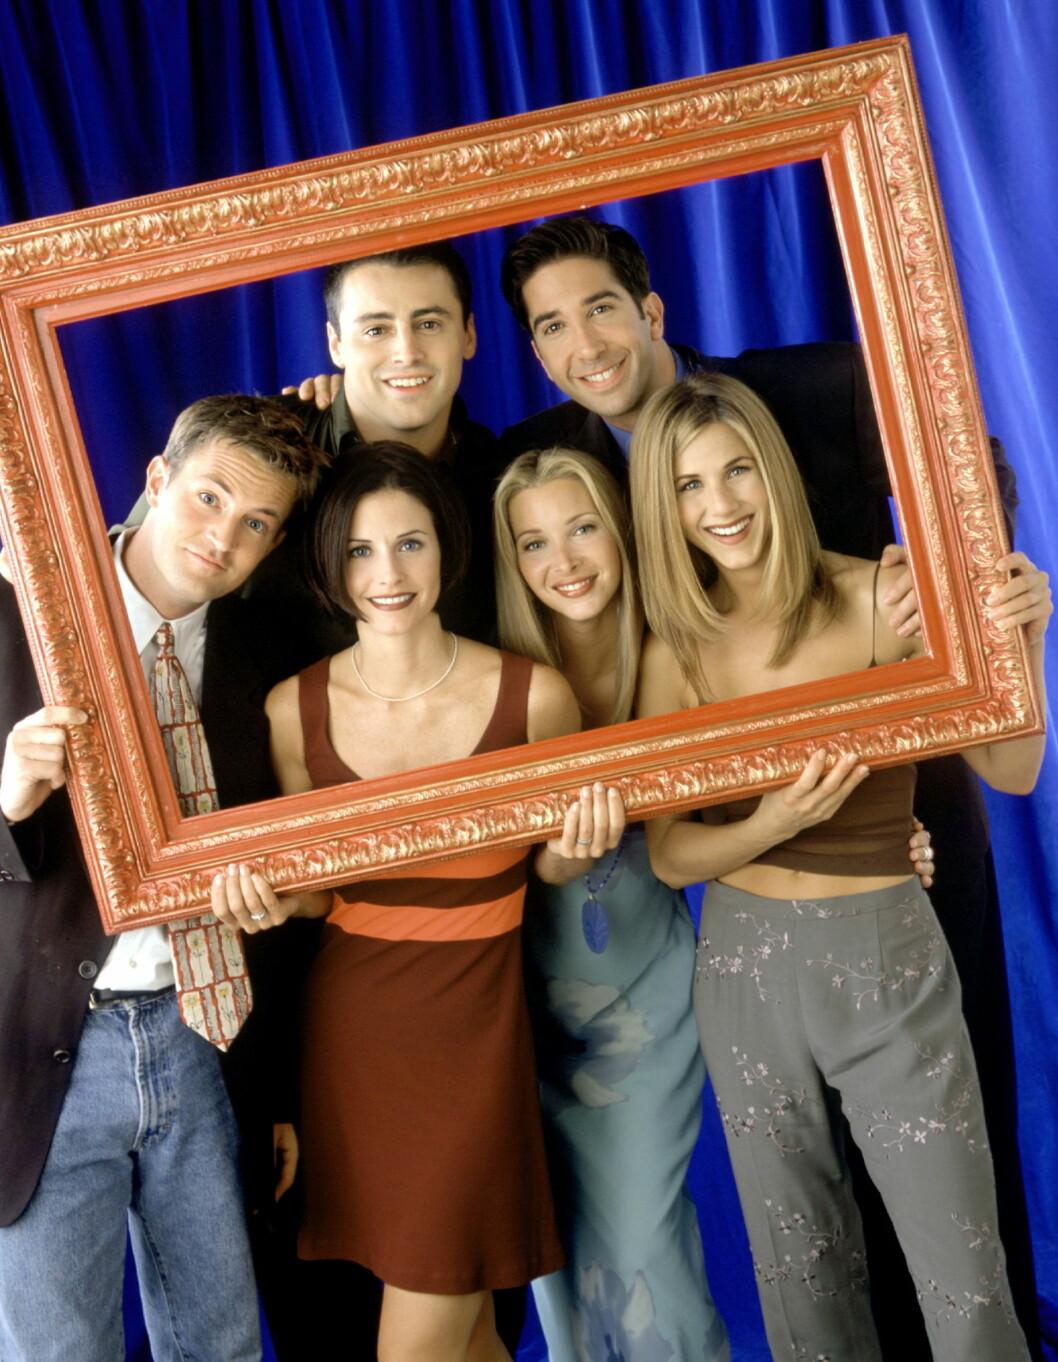 GJØR COMEBACK: Tusenvis av fans jublet da det ble kjent at flere i «Friends»-gjengen har sagt ja til å bli med i en comeback-episode. Foto: ©Warner Bros/Courtesy Everett C